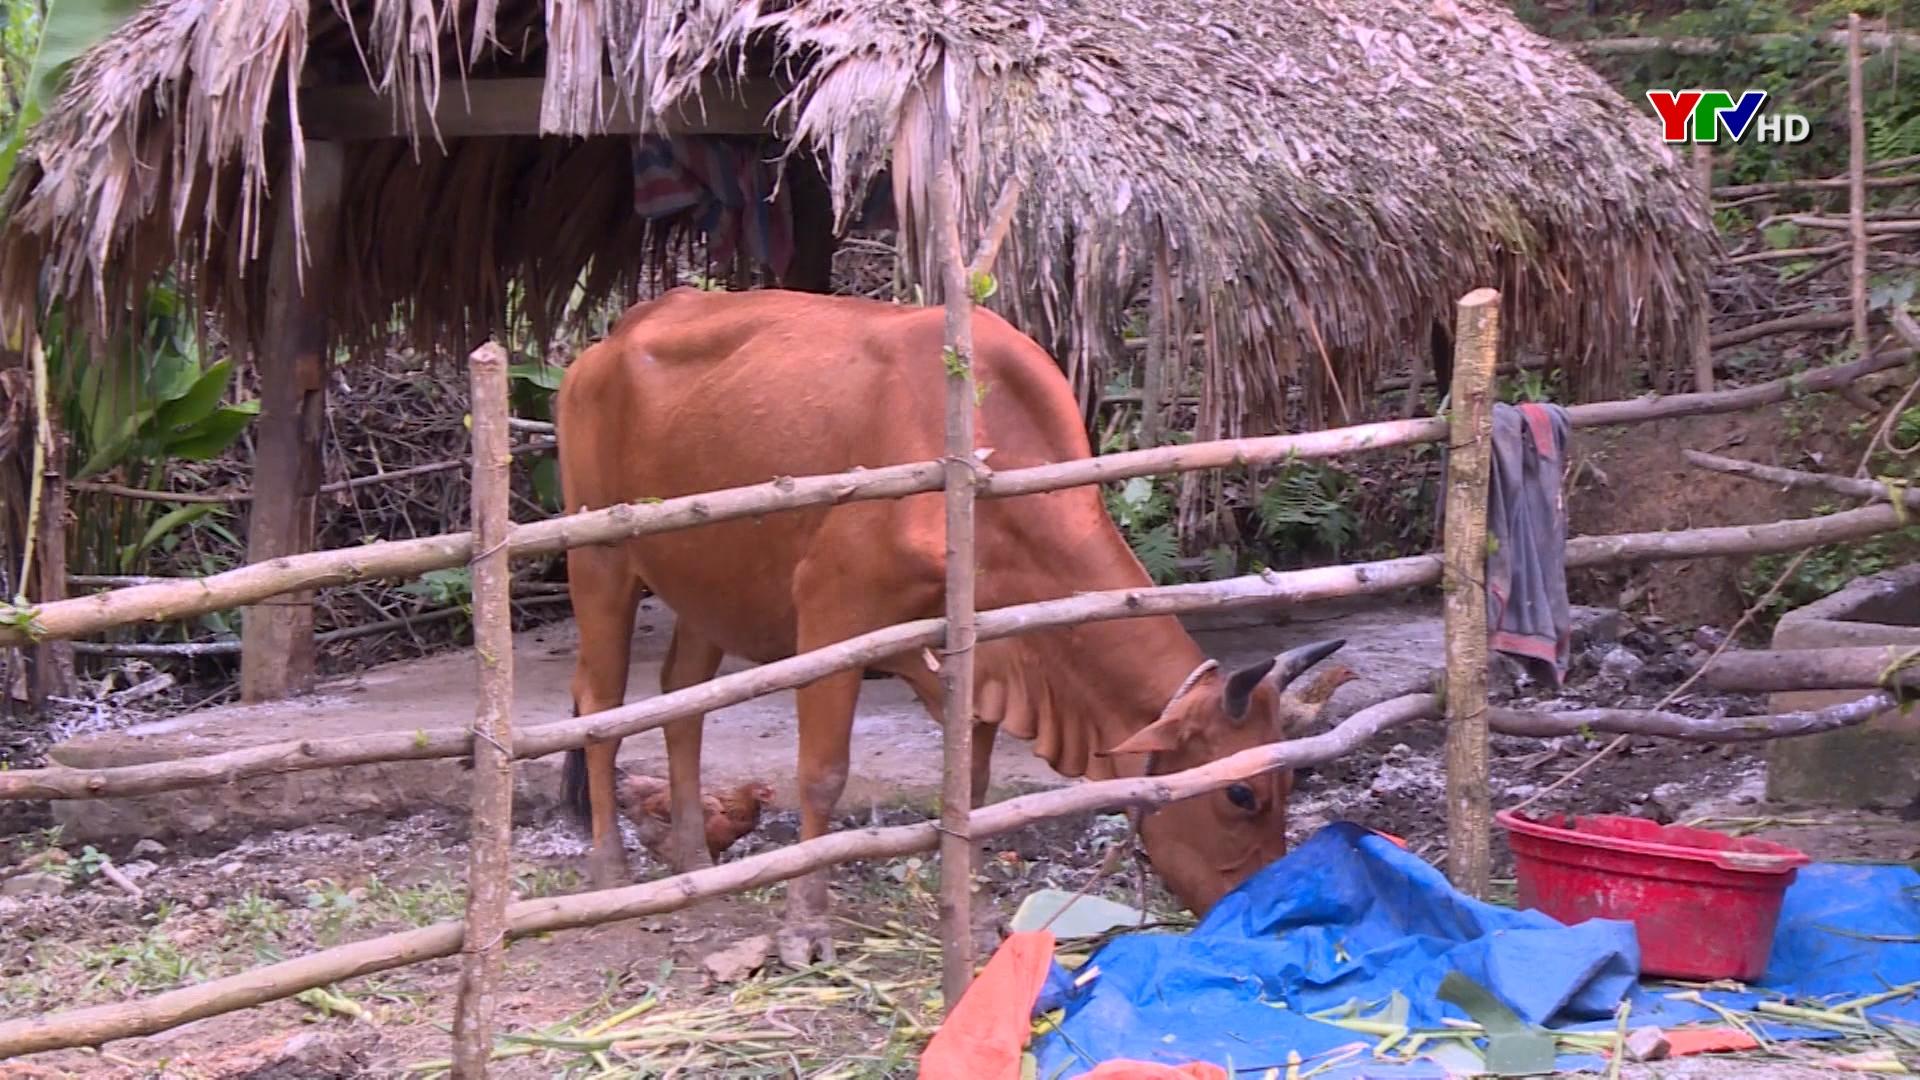 Xã Vĩnh lạc, huyện Lục Yên phát sinh bệnh viêm da nổi cục trên gia súc